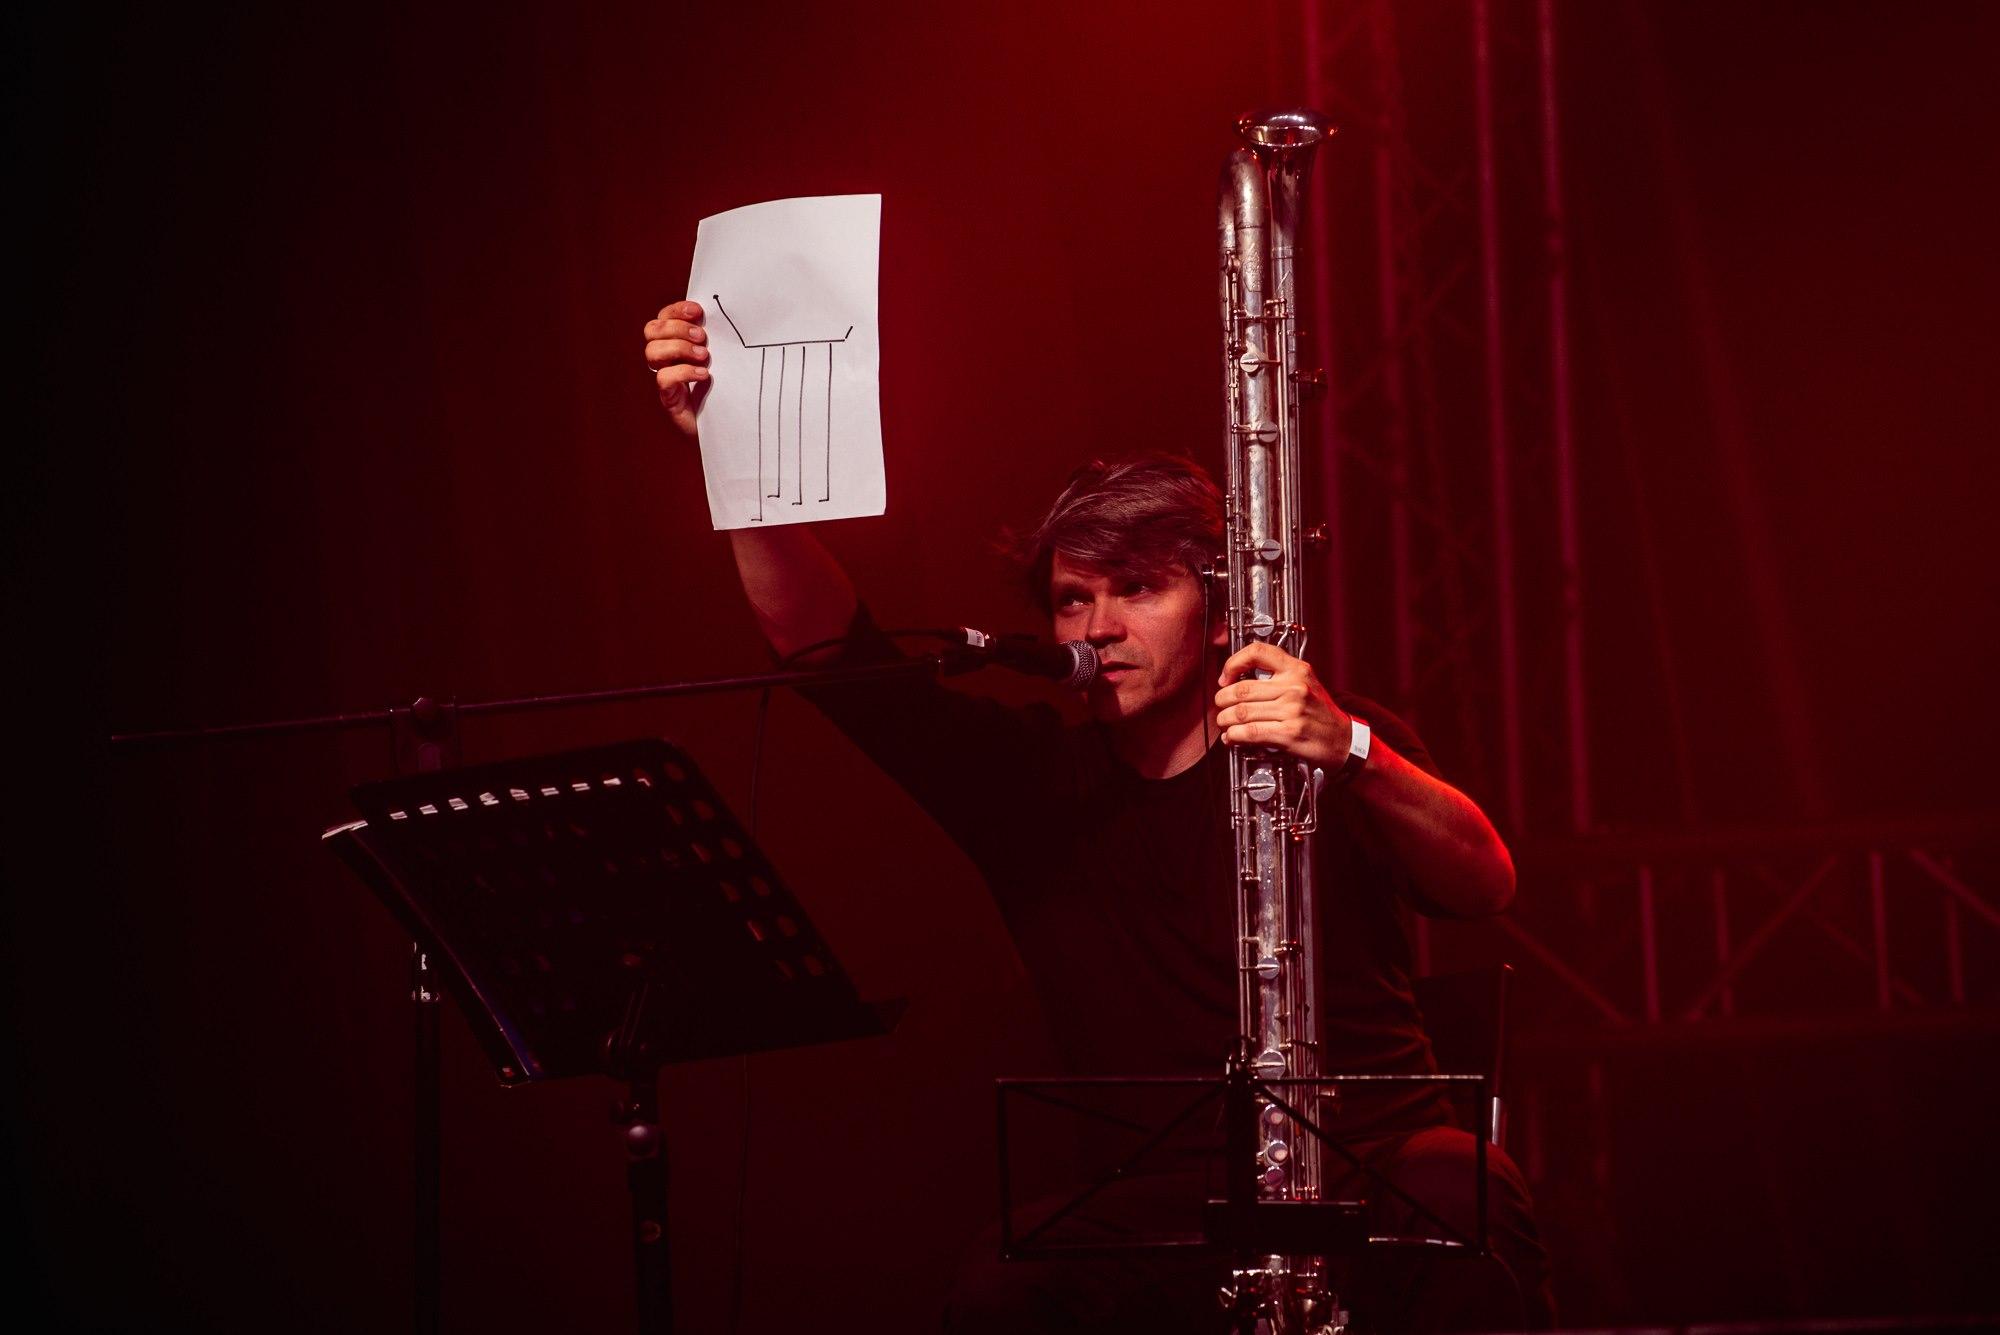 fot. Robert Grablewski [Zdjęcie muzyka oświetlonego czerwonym światłem. Muzyk podnosi w górę rękę, w której trzyma kartkę papieru]